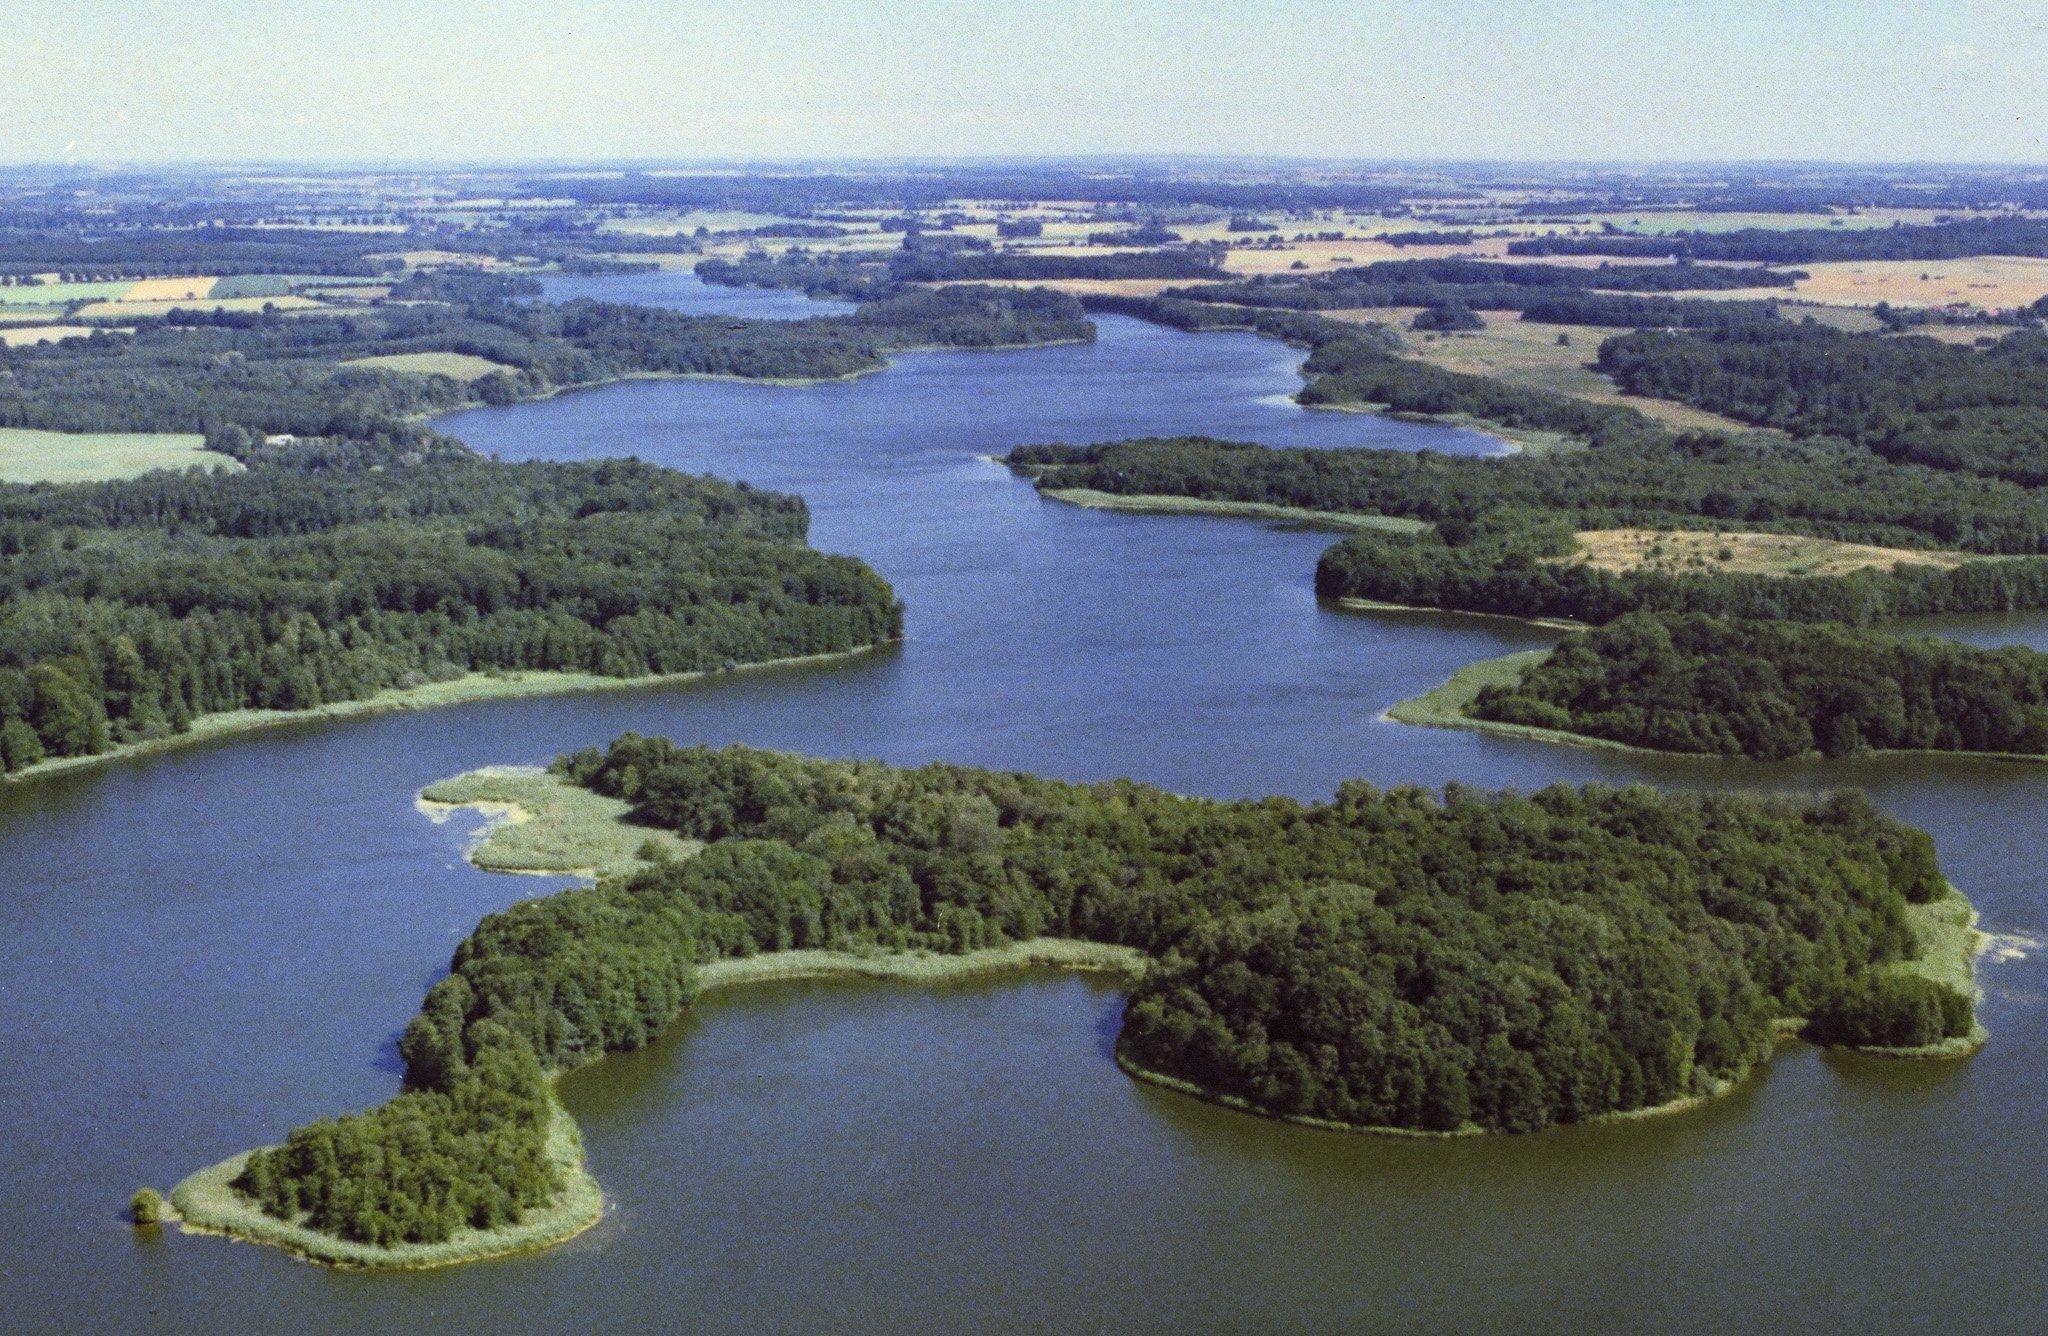 Der Nordteil des Schaalsees aus der Luft. See und bewaldete Inseln bilden ein Mosaikmuster.